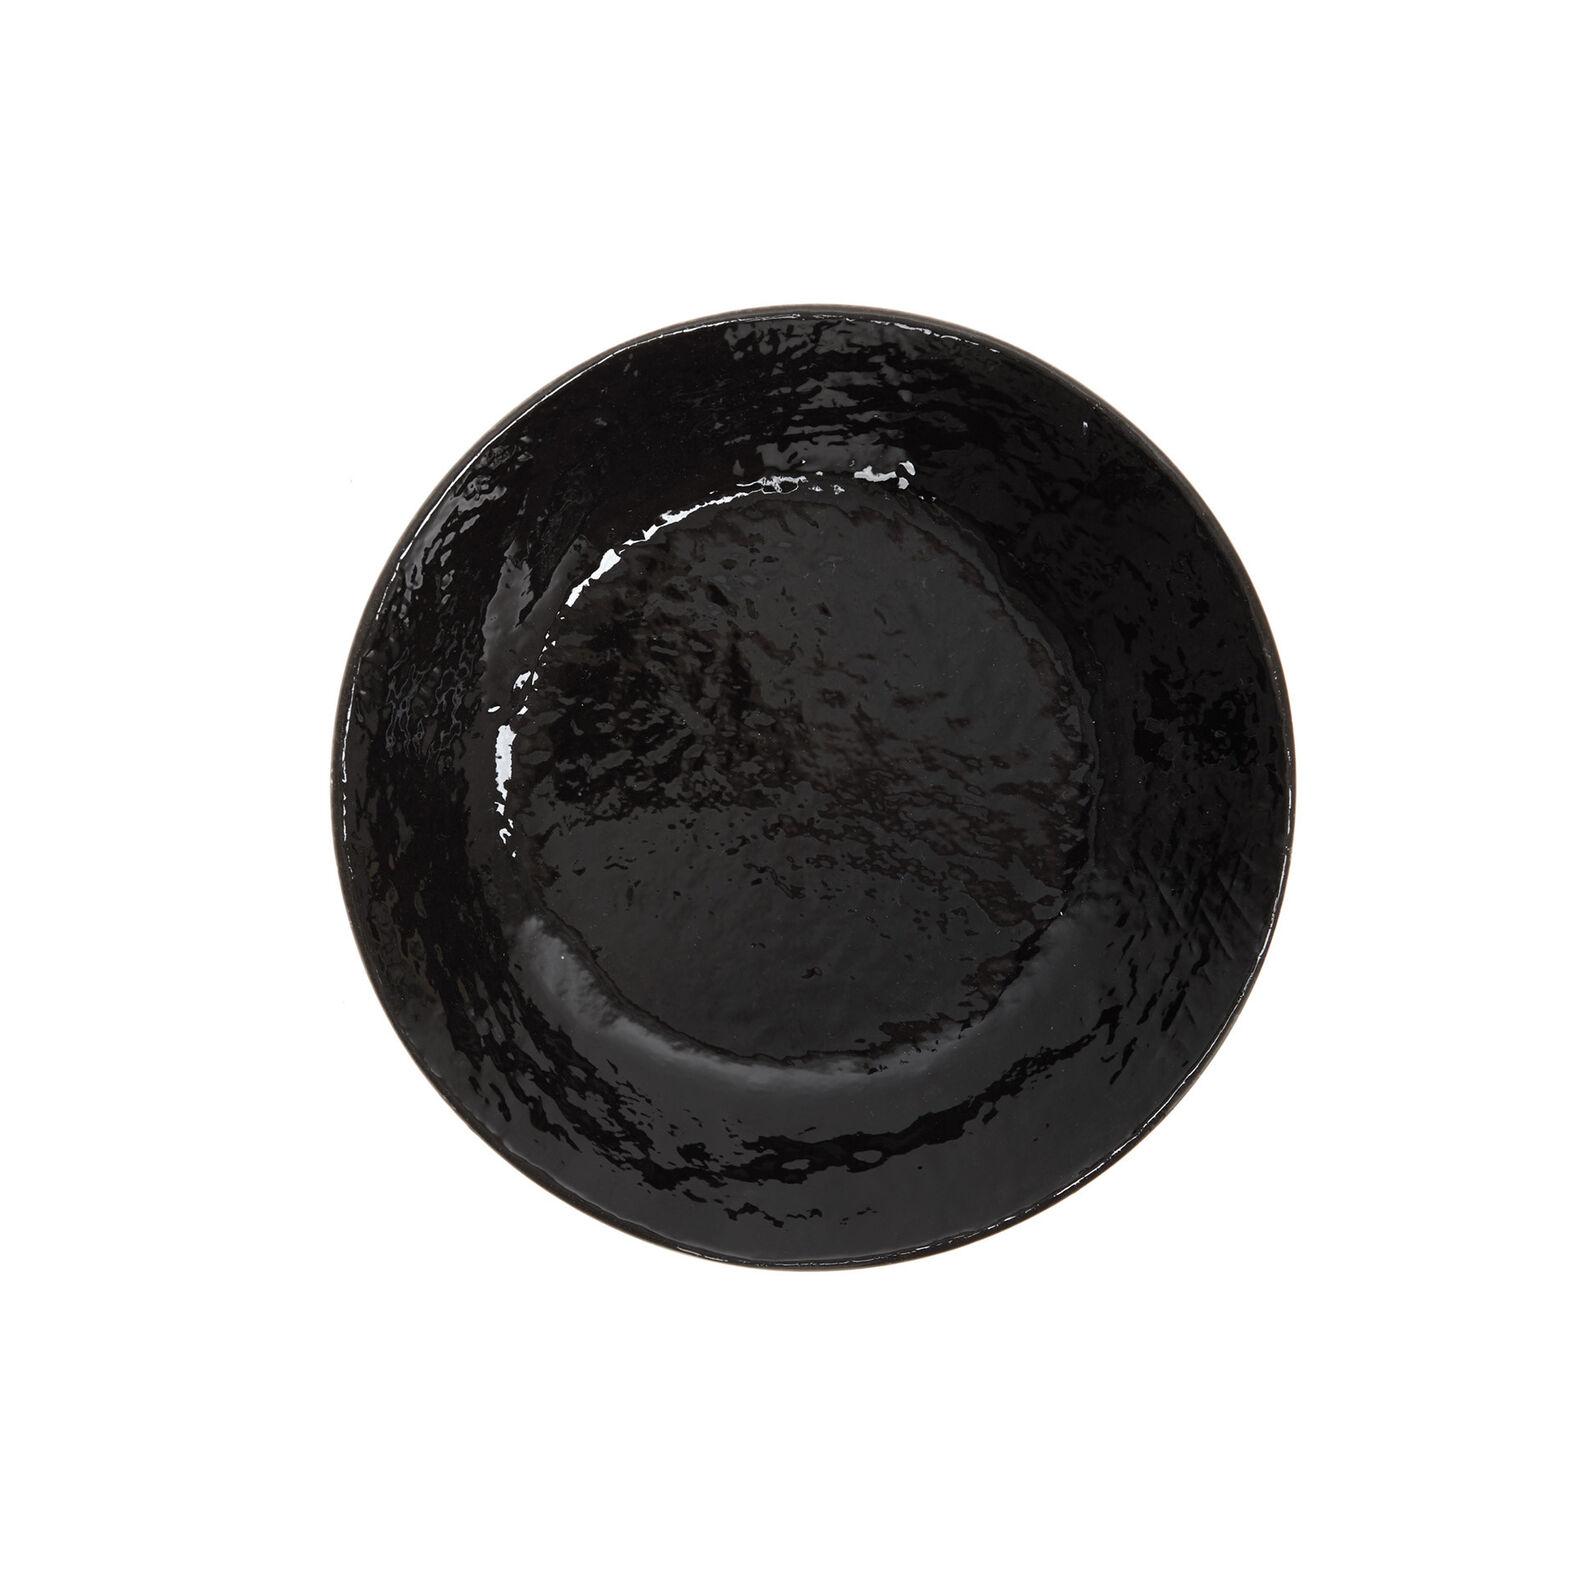 Piatto fondo ceramica artigianale Preta